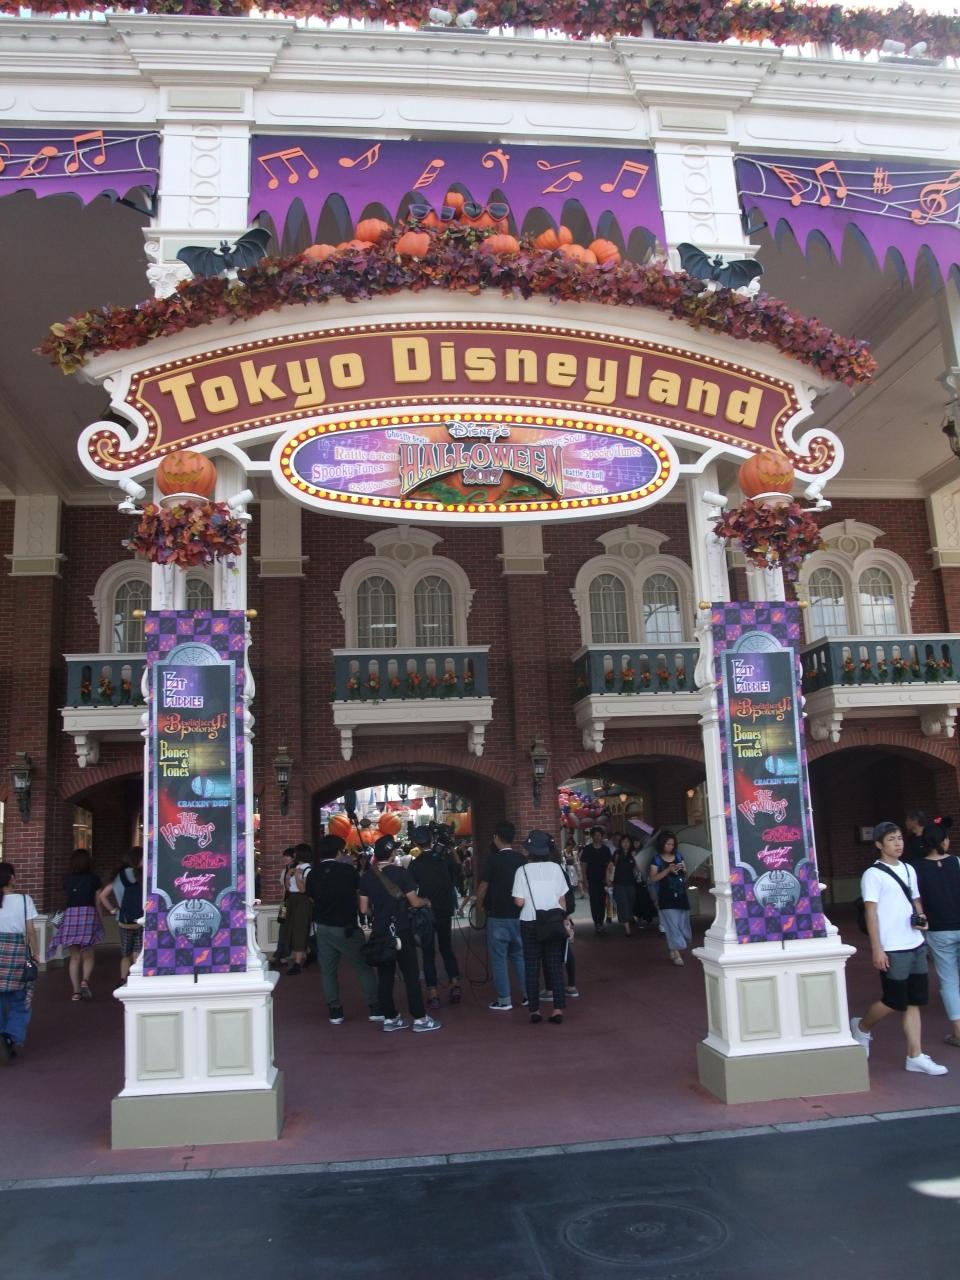 2017年東京ディズニーランドのディズニー・ハロウィーン1日目!』東京